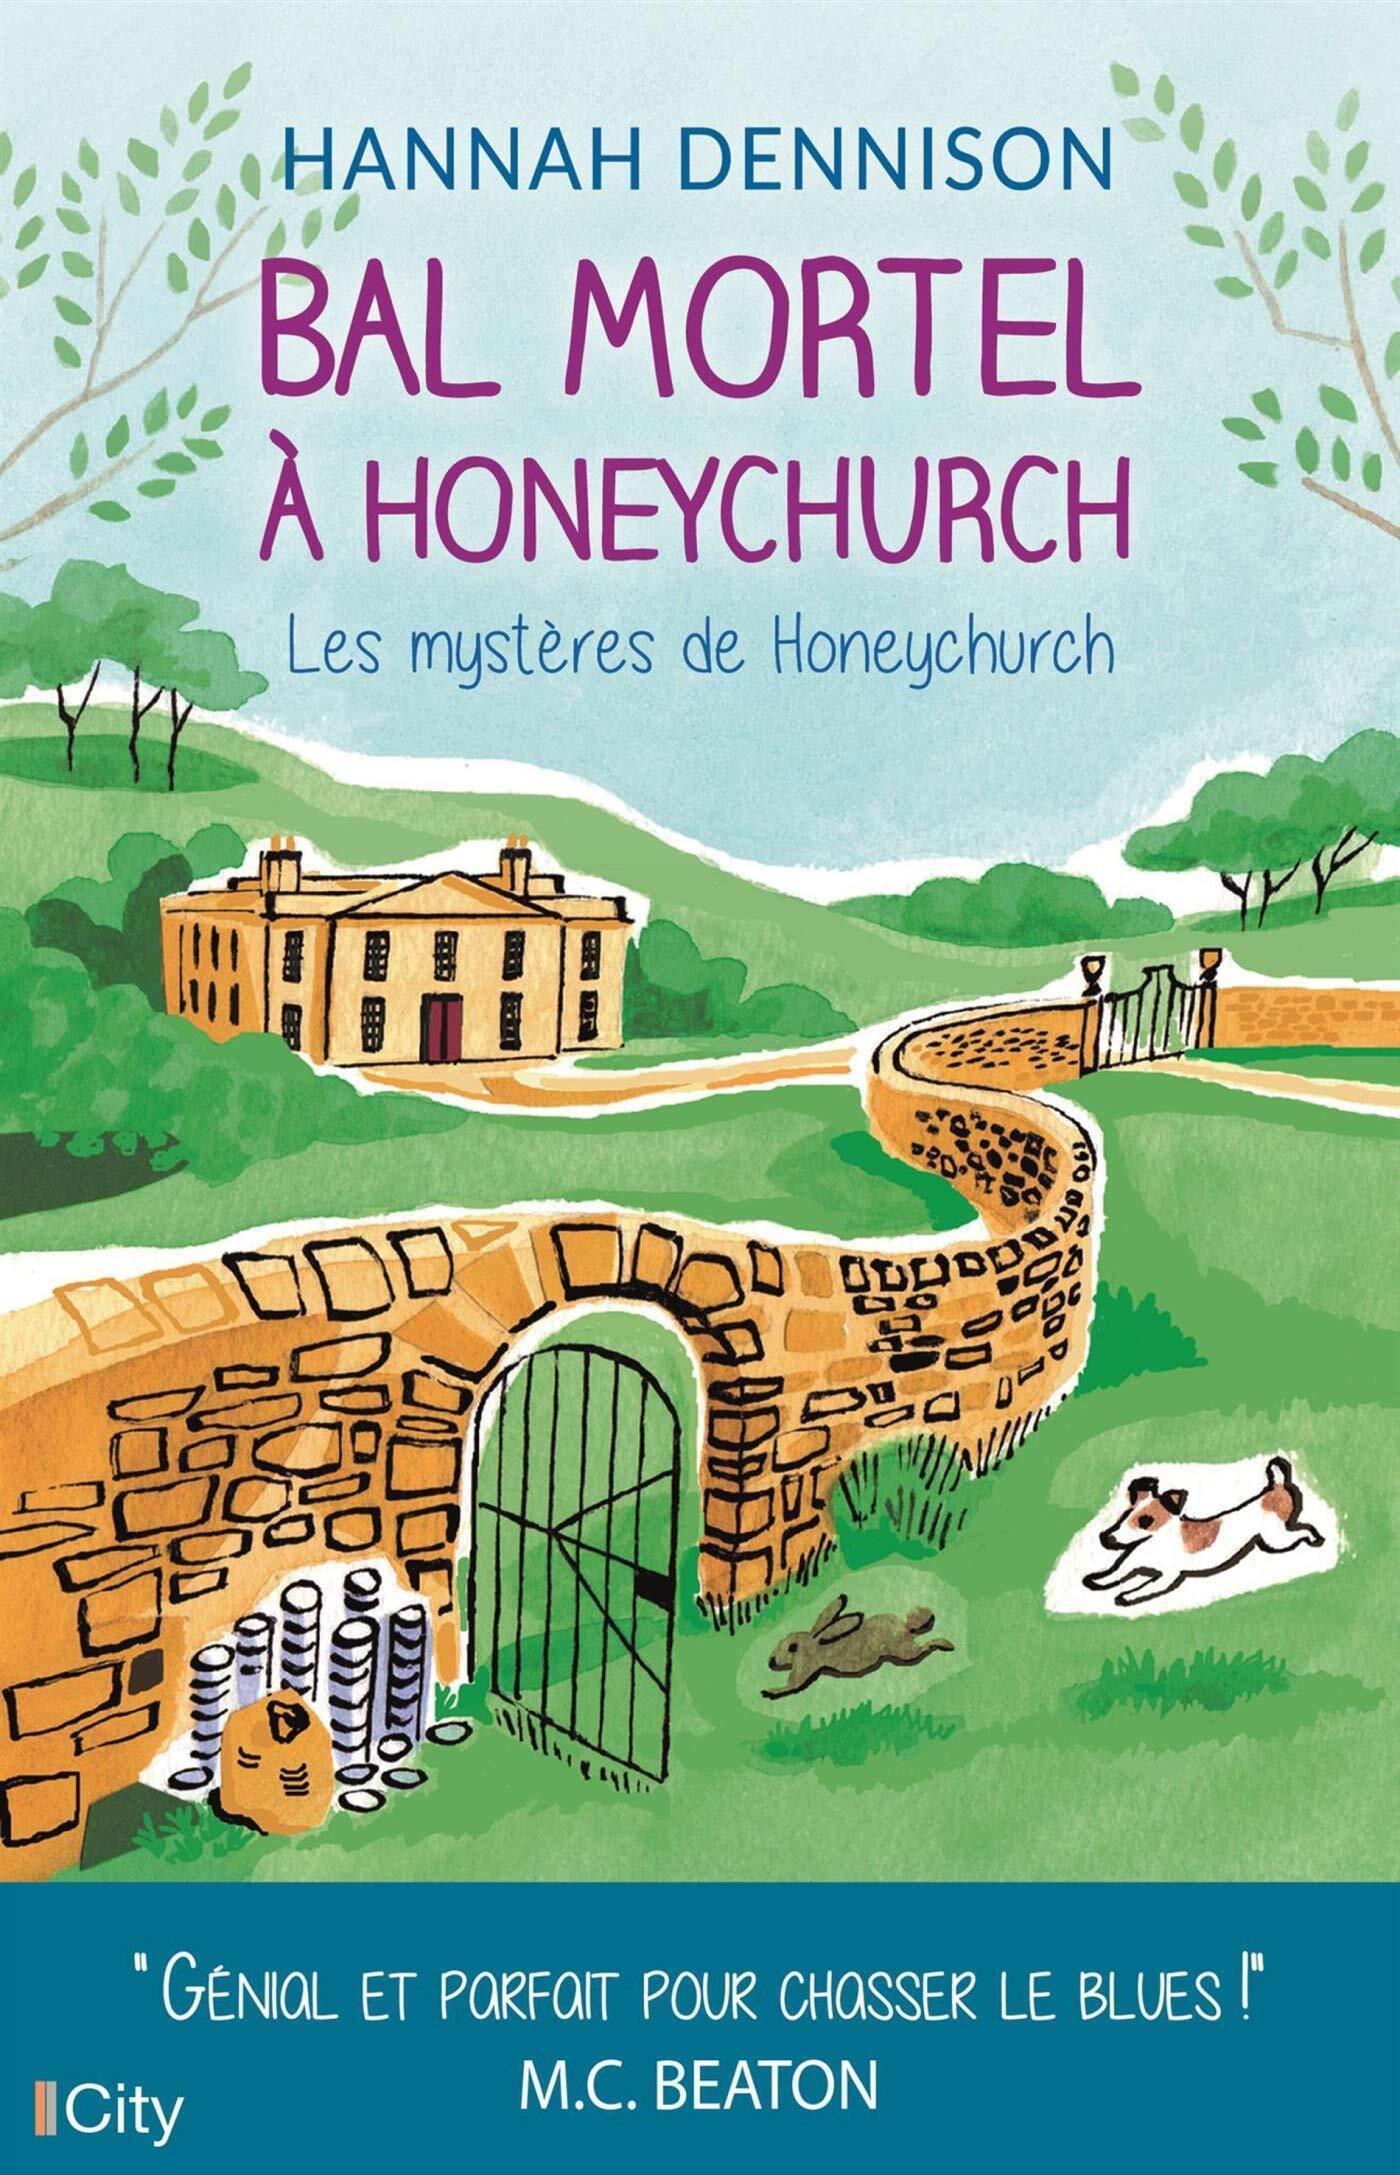 cdn1.booknode.com/book_cover/1234/full/bal-mortel-a-honeychurch-1234385.jpg